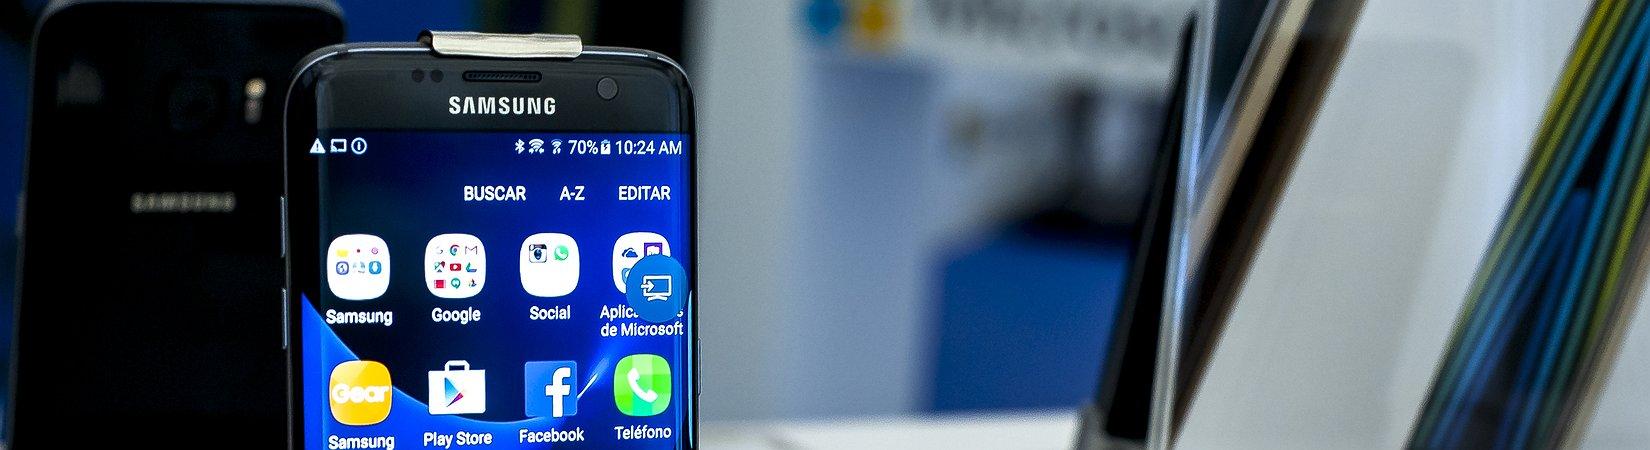 El Samsung Galaxy S8 podrá utilizarse como dispositivo de escritorio